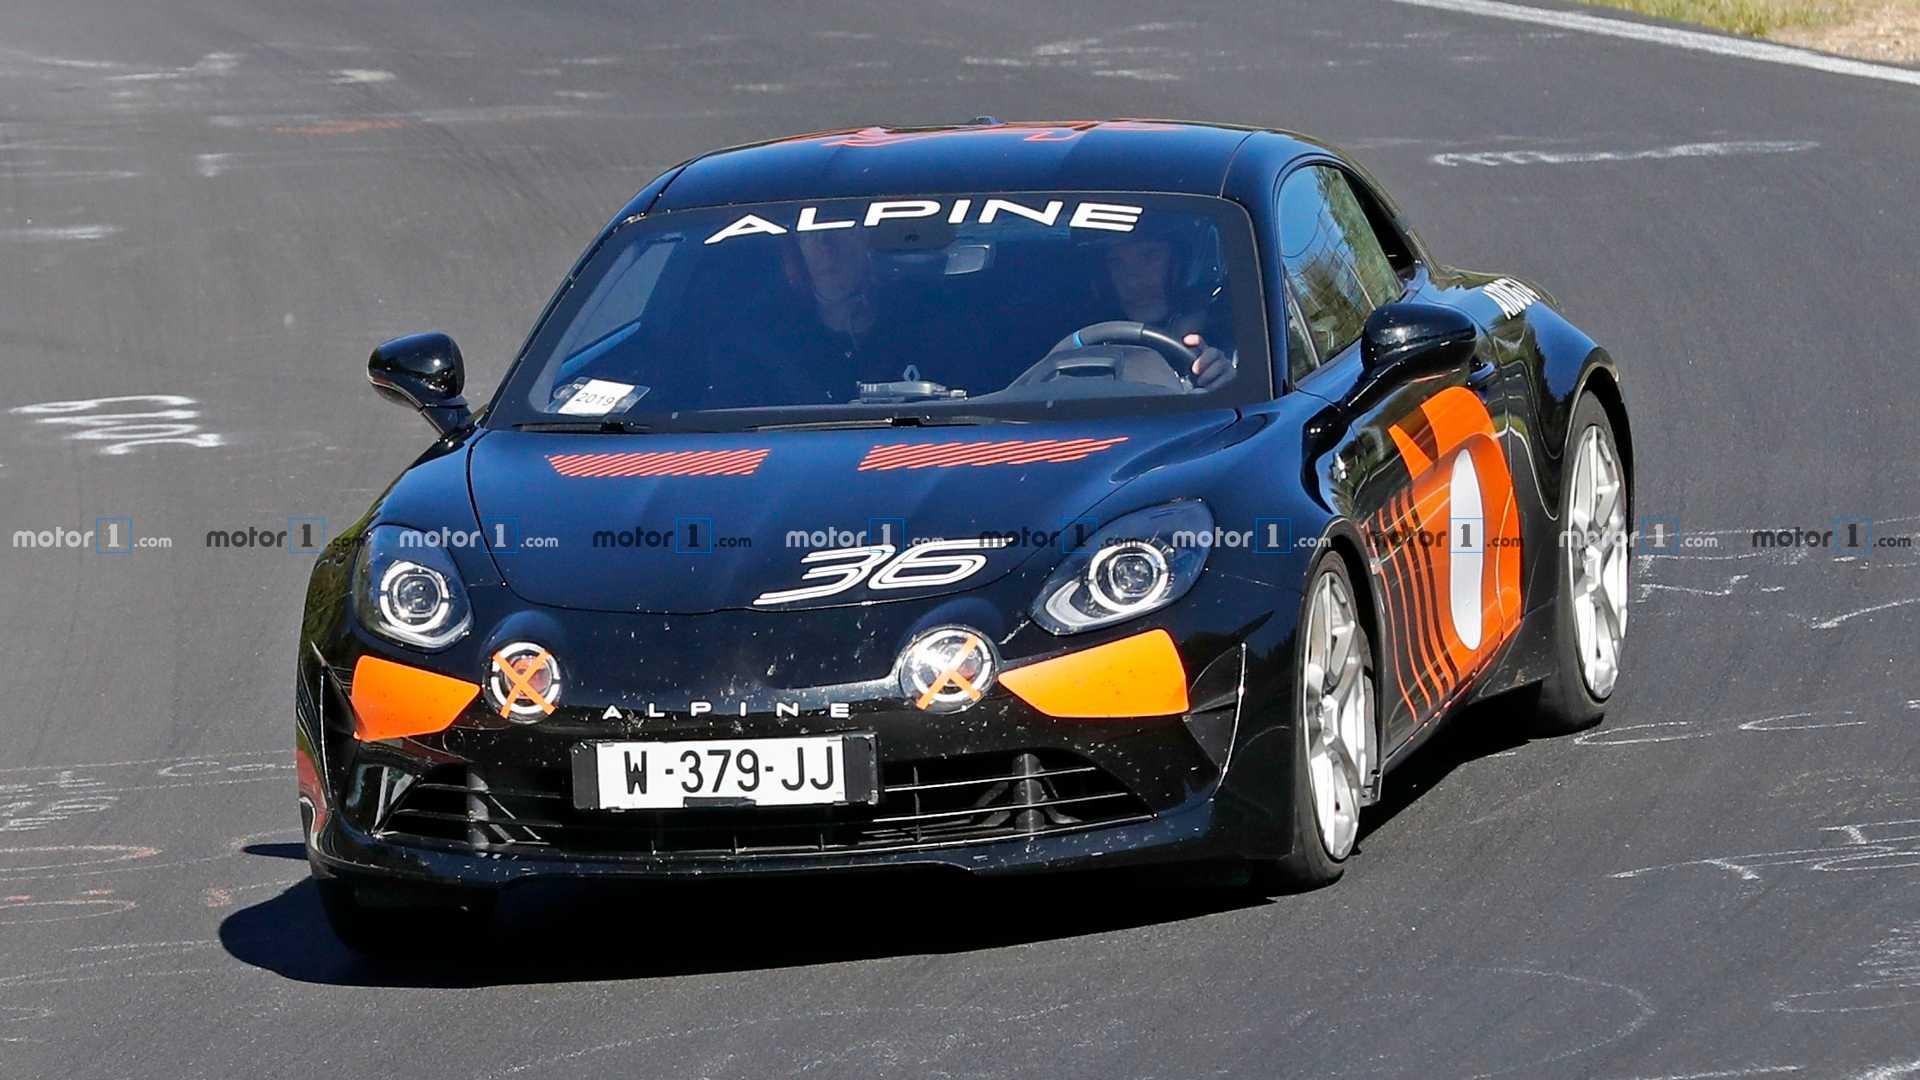 possible higher specification alpine a110 spy photo | La nouvelle Alpine AS110 / A110 S, on la tient enfin !